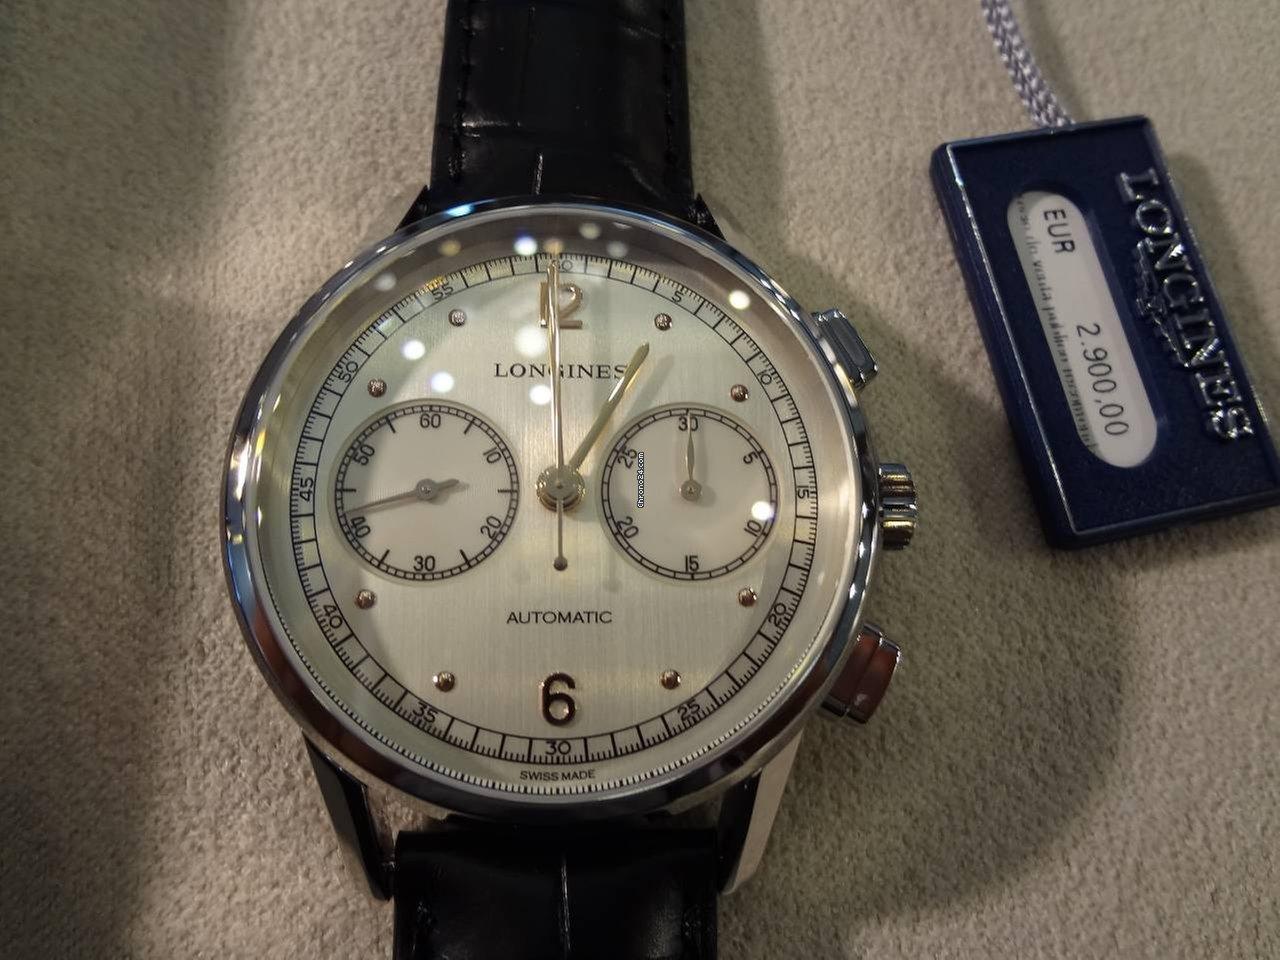 longines heritage chronograph 1940 f r kaufen von einem trusted seller auf chrono24. Black Bedroom Furniture Sets. Home Design Ideas